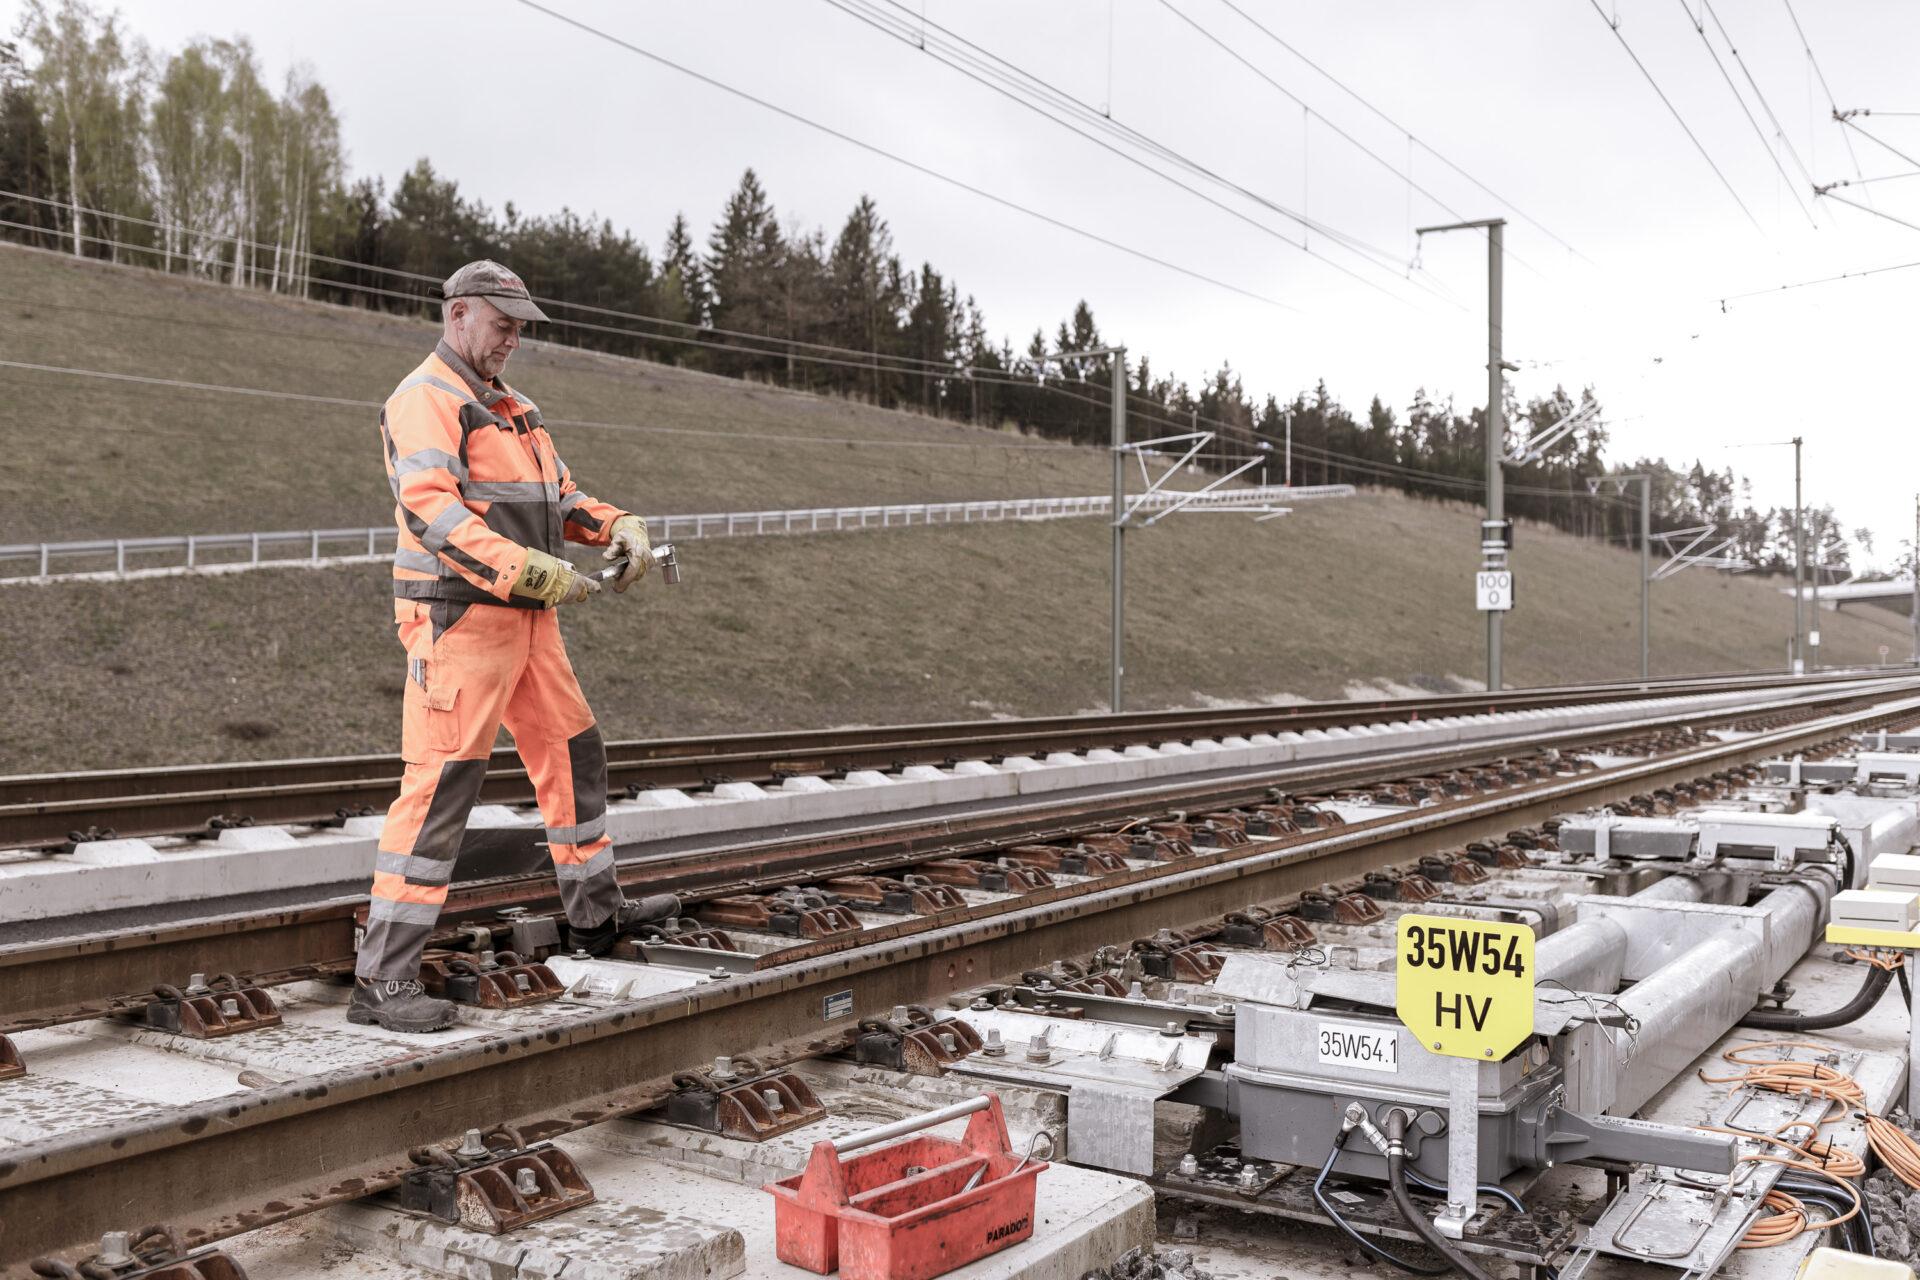 Arbeit, Bahntechnik, Bauarbeiter, FES, FES Bahntechnik, ICE, Neubaustrecke, Weiche, baustelle, gleise, technik